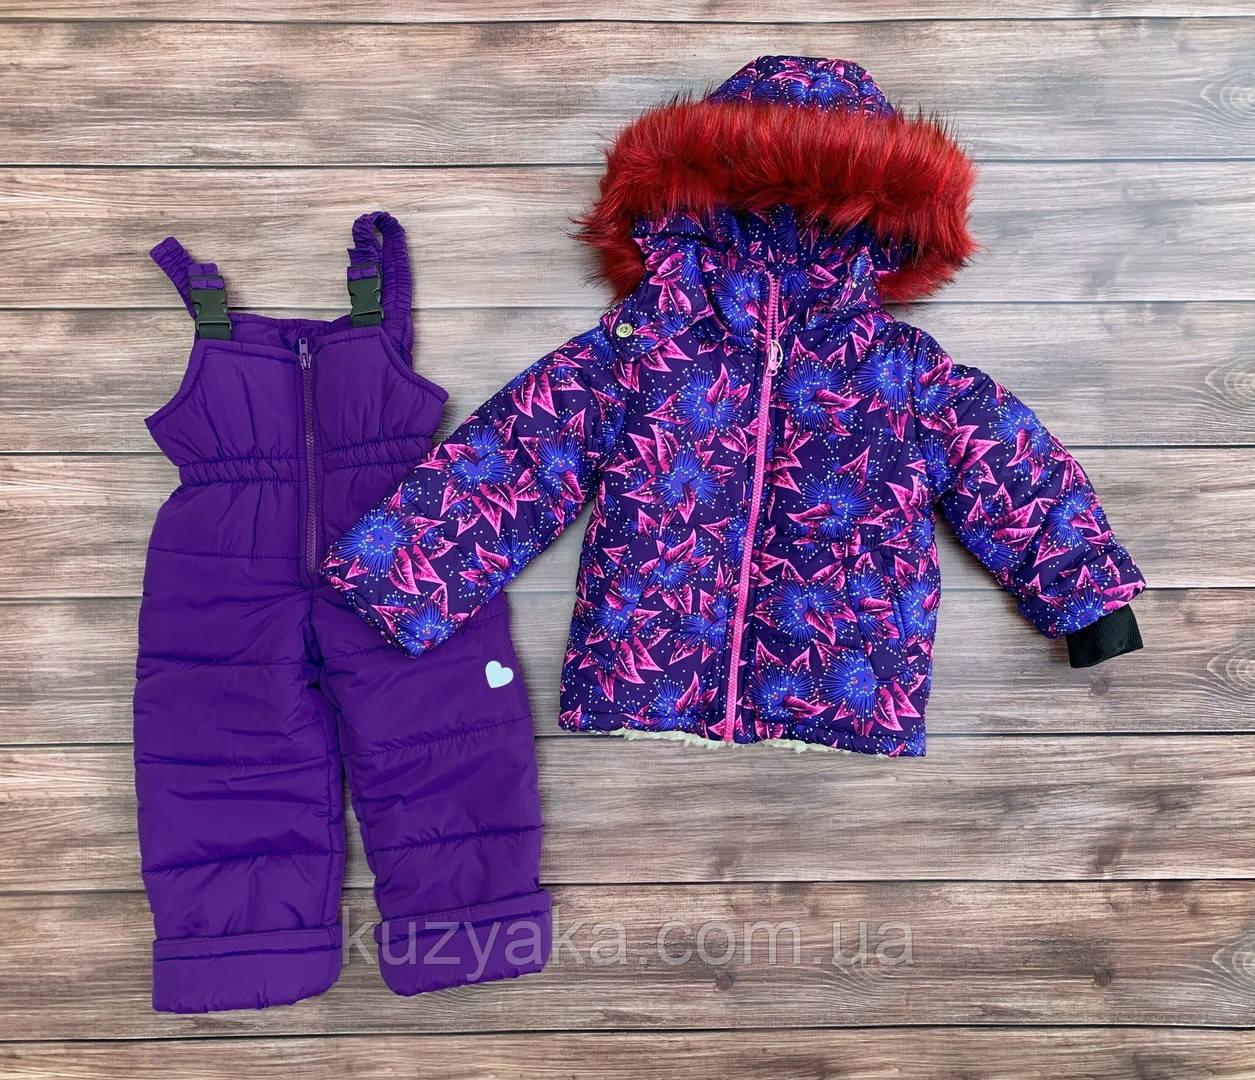 Детский зимний комбинезон Лилия для девочки 92-98 см